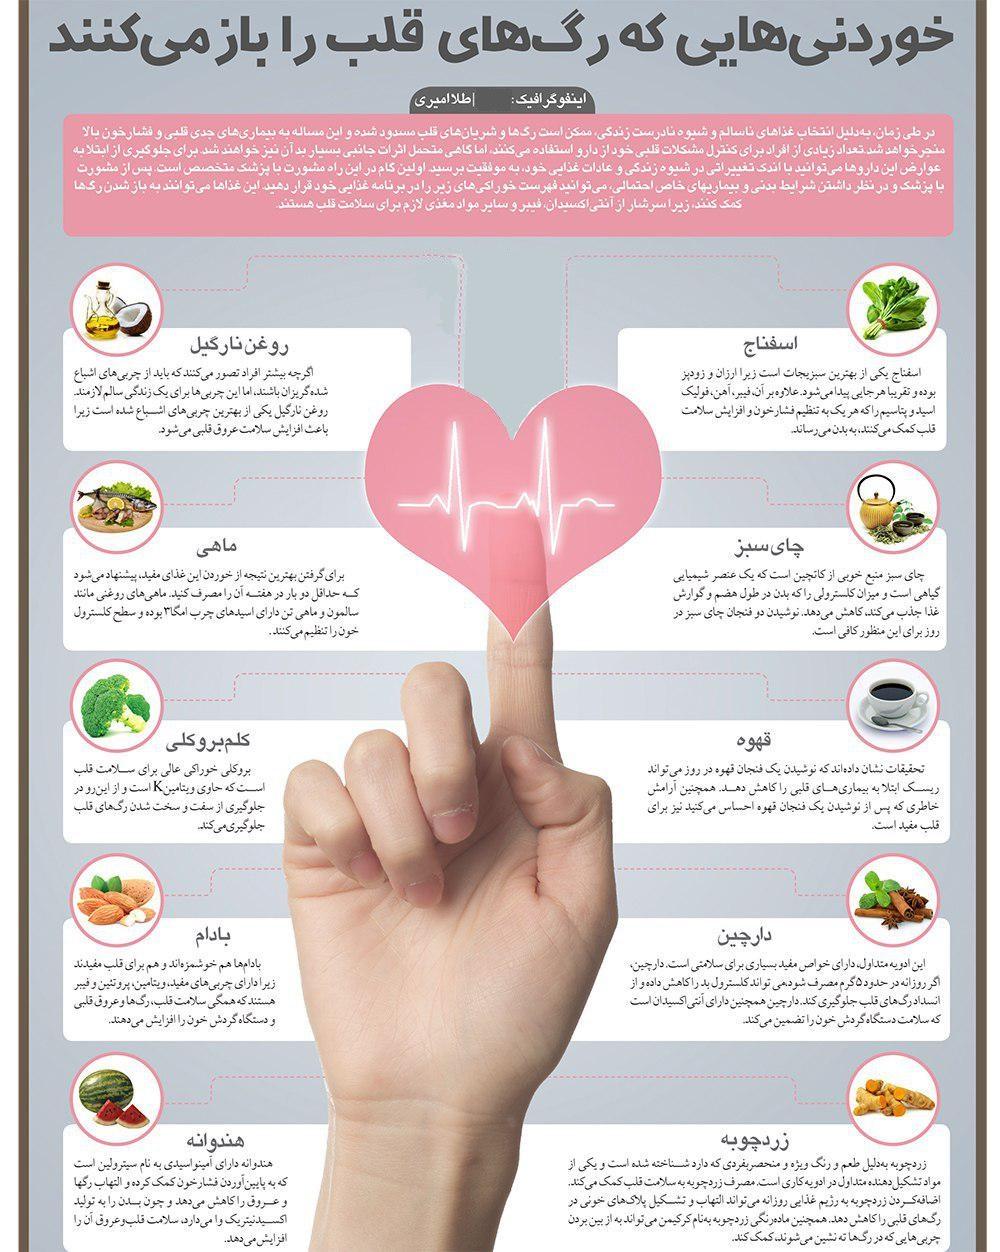 باز کردن رگ های قلب با مصرف 10 ماده غذایی + اینفوگرافی